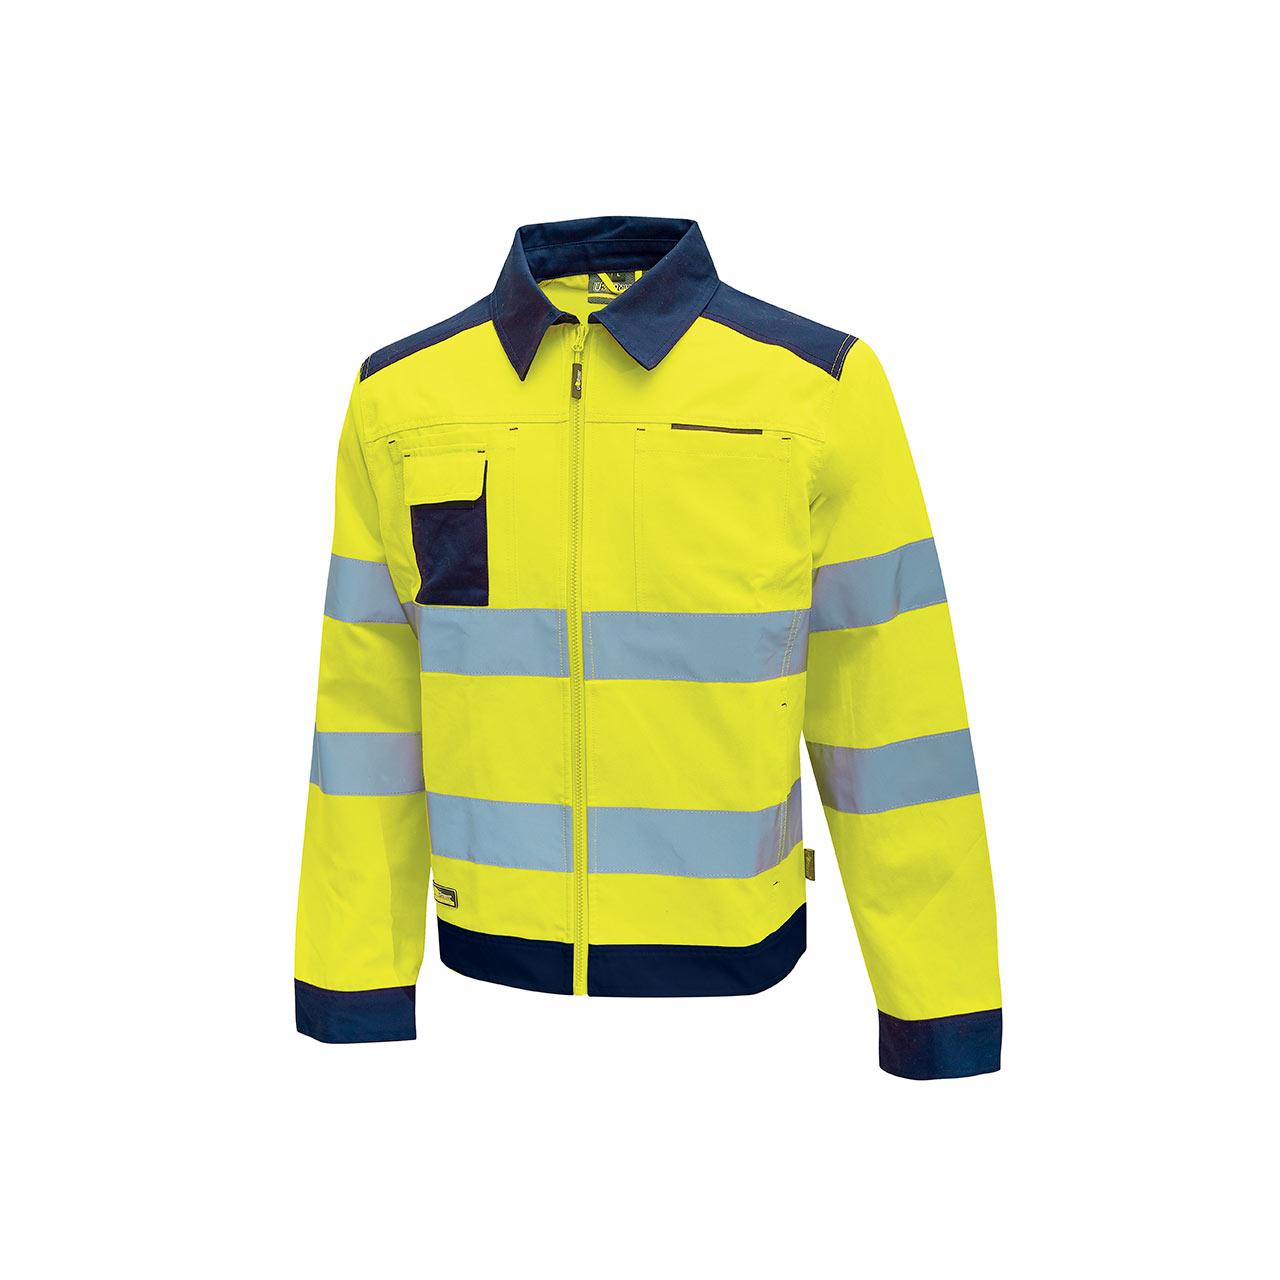 giacca da lavoro upower modello gleam colore yellow flu